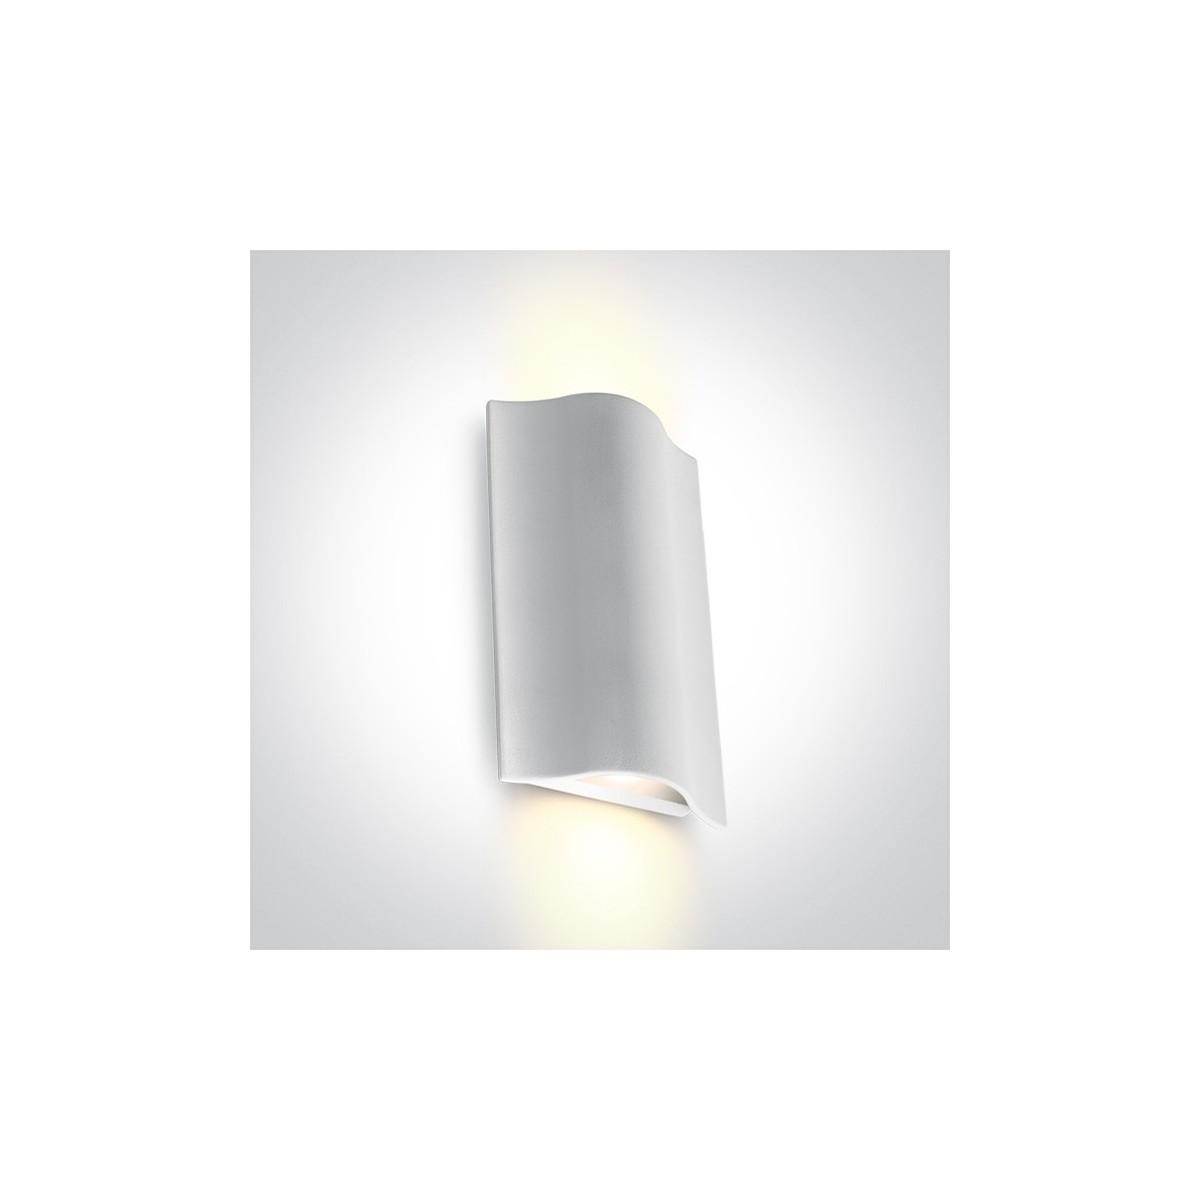 One Light kinkiet zewnętrzny pionowy wyjątkowy styl Efyra 2 67422A/W/W IP54